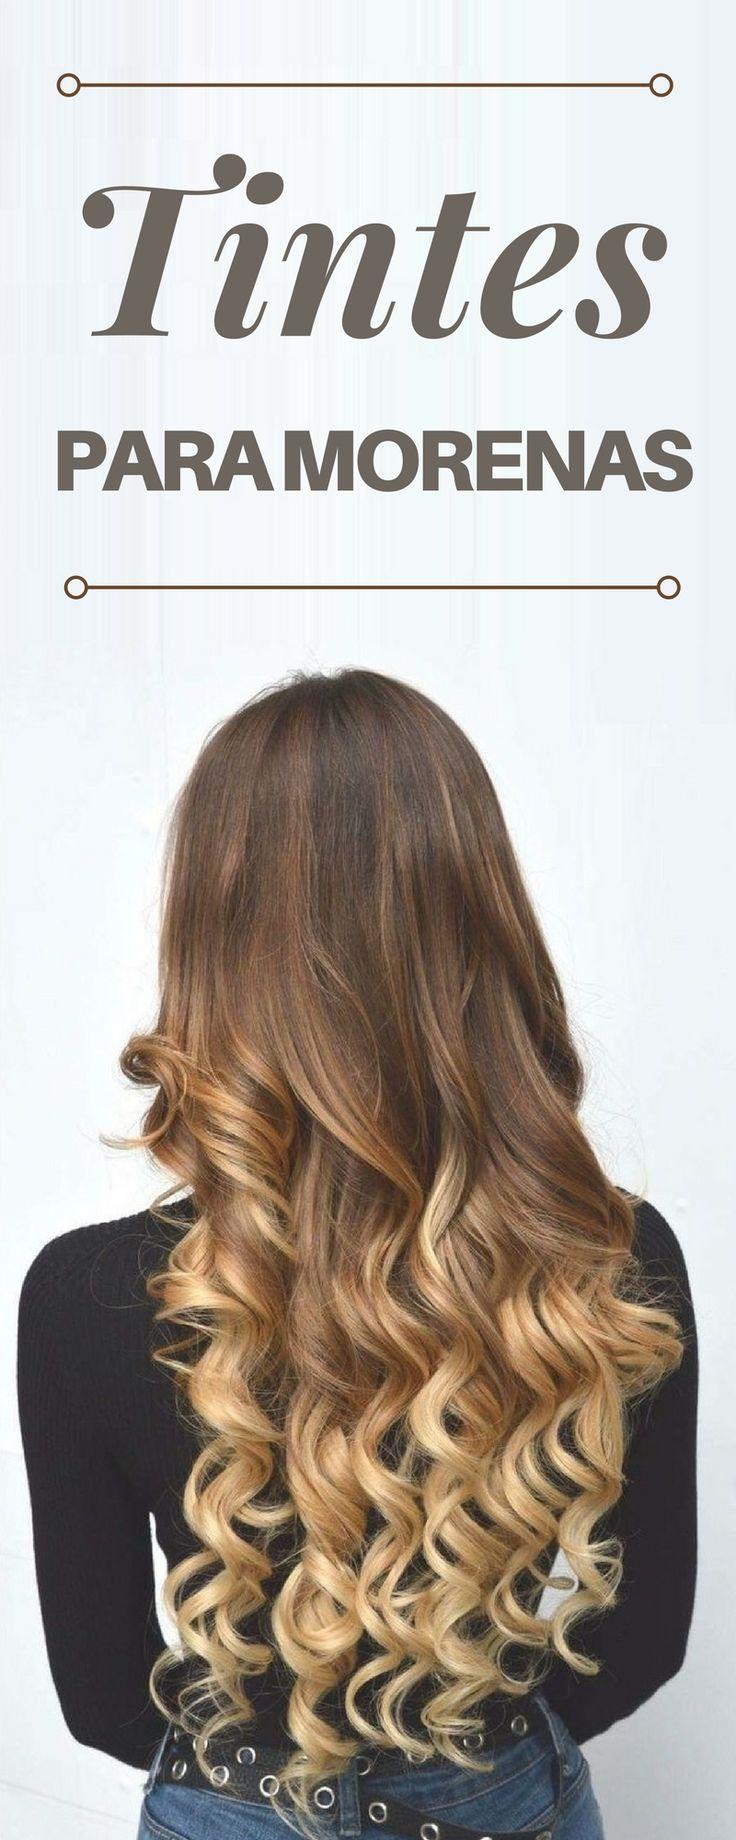 Si eres de piel morena, estos tintes harán que tu cabello luzca increíble.  Tintes de cabello para morenas | Tintes de cabello degradado |  Tintes de cabello de moda | #cabello #fashionista